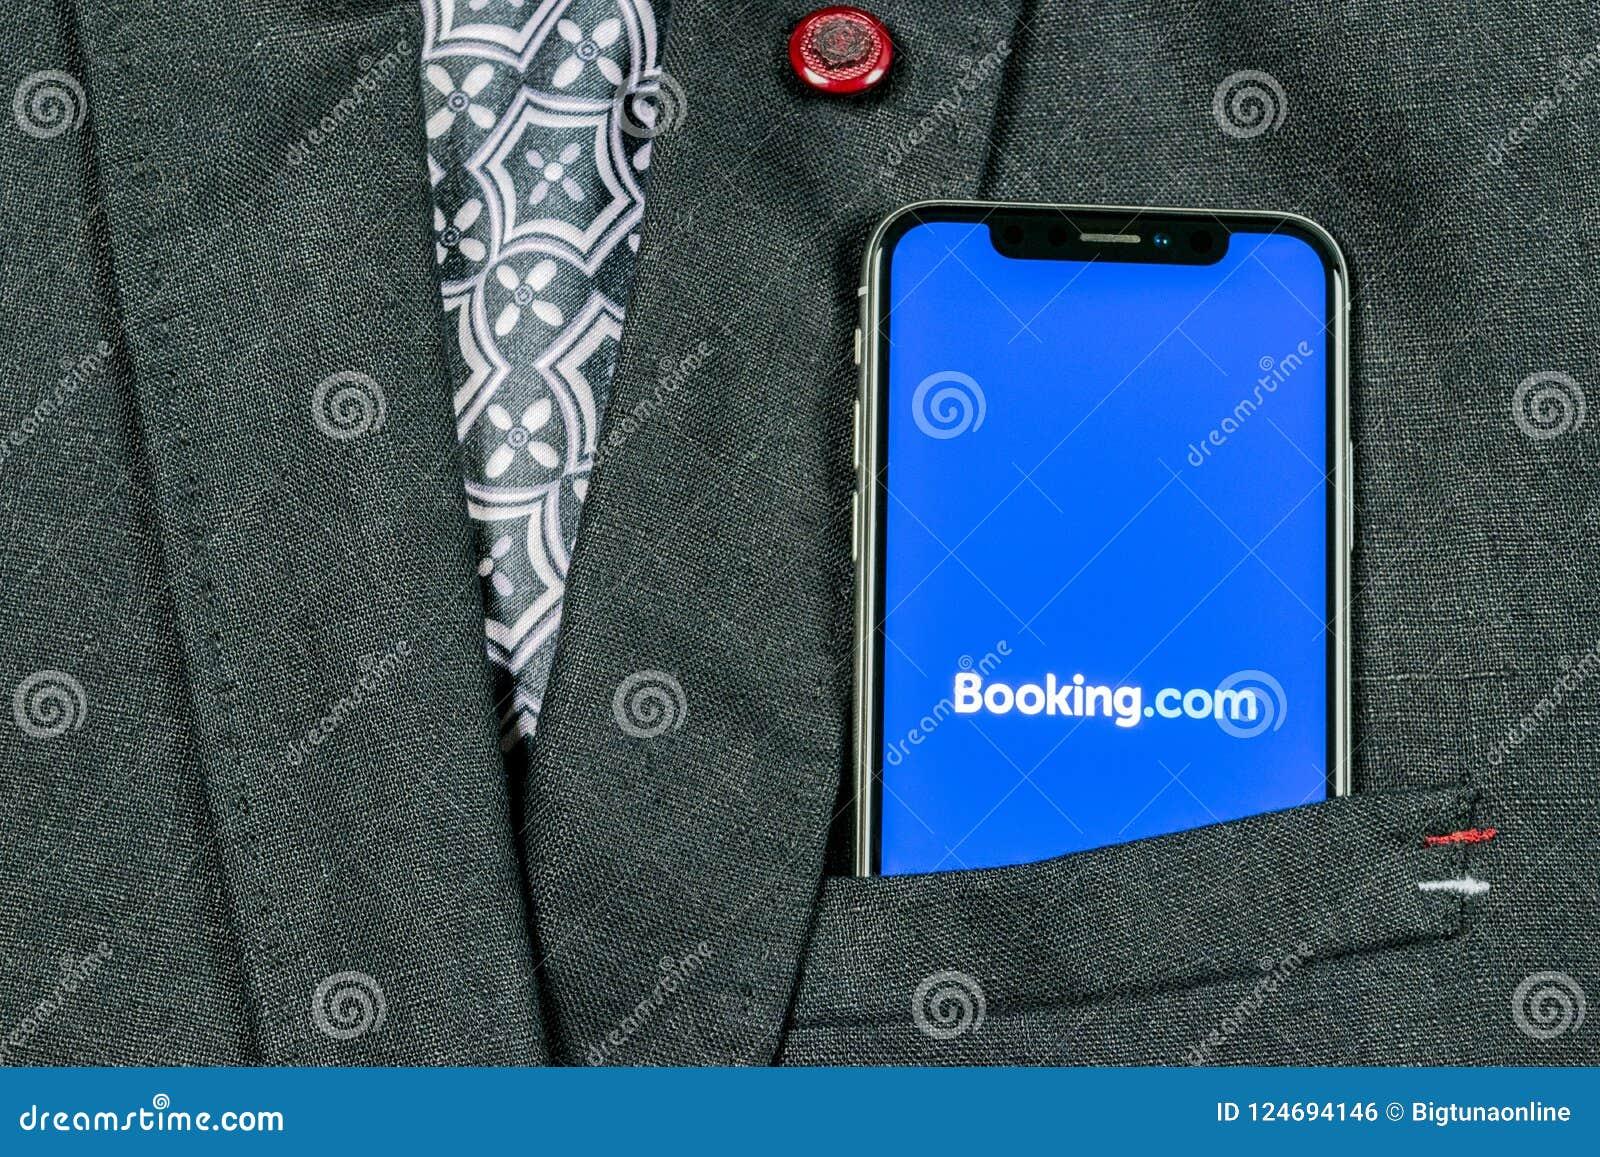 预订 com在苹果计算机iPhone x屏幕特写镜头的应用象在夹克口袋 售票app象 预订 com 社会媒介app